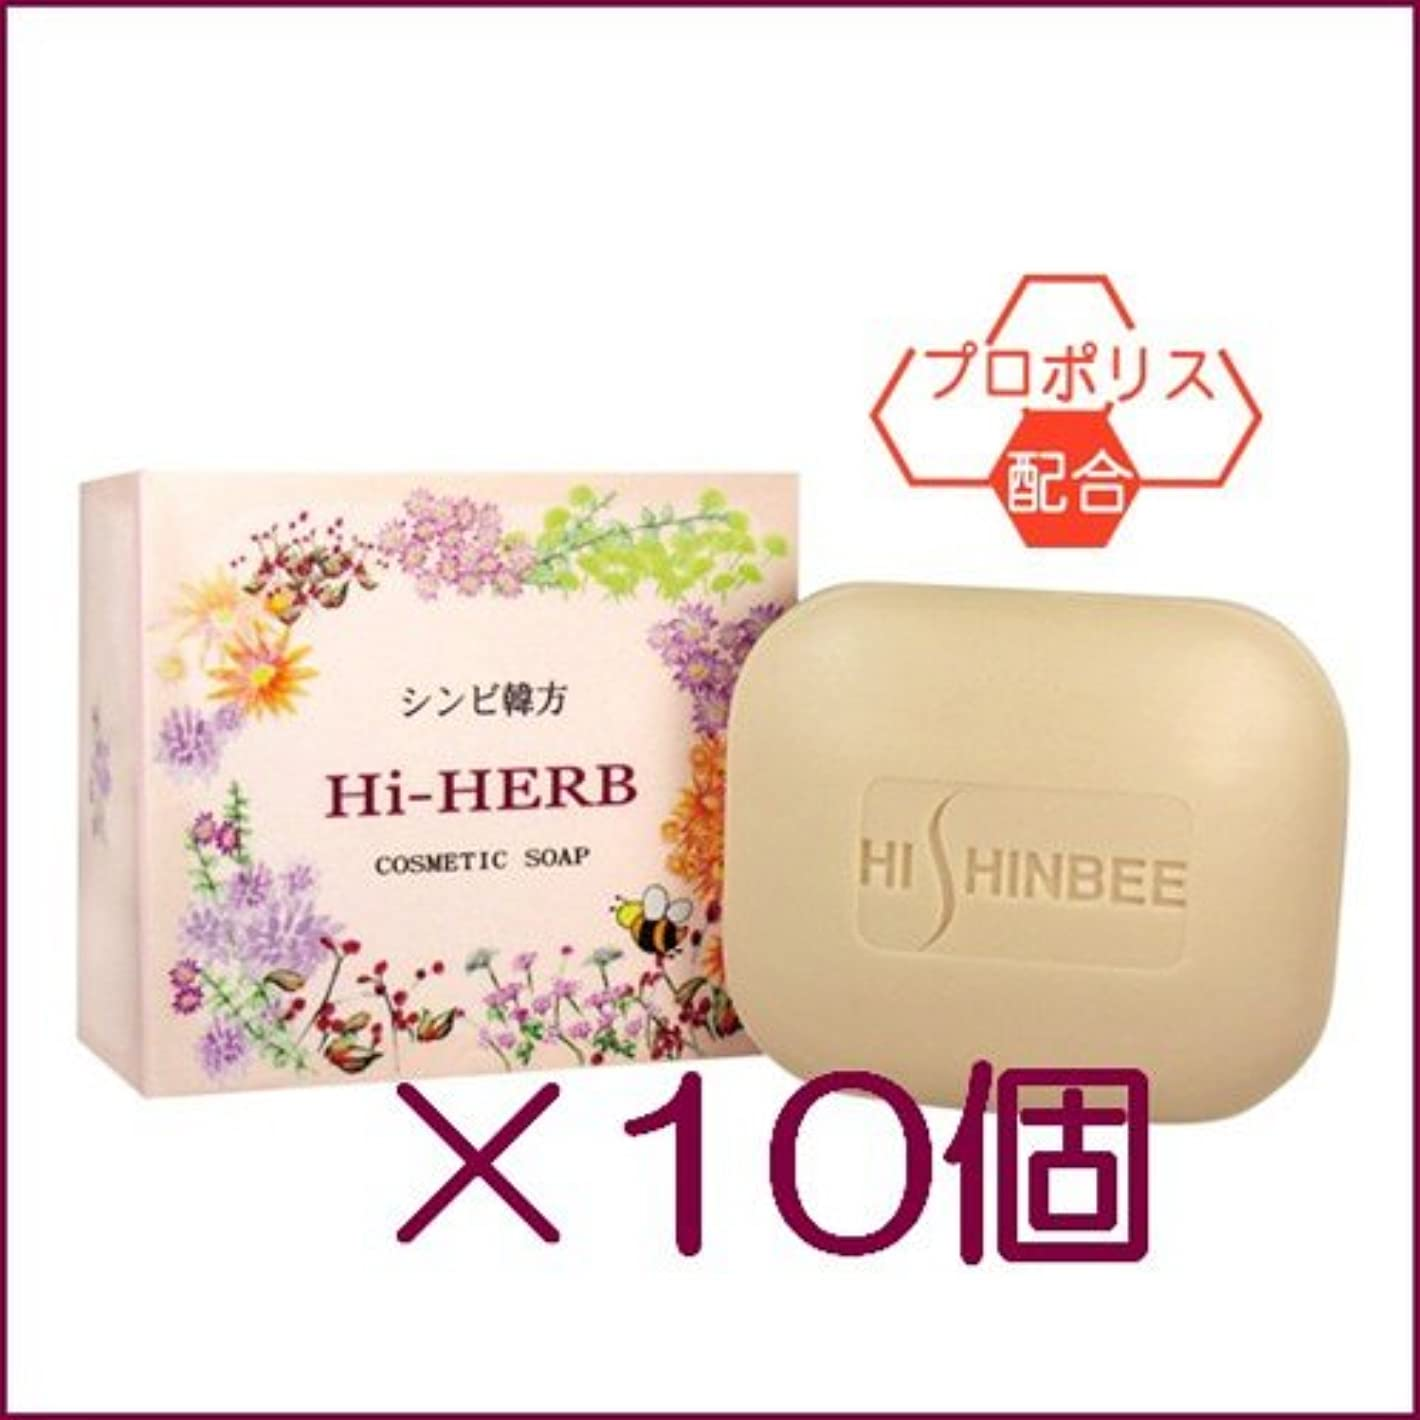 換気番号解読するシンビ 韓方ハイハーブ石鹸 100g ×10個